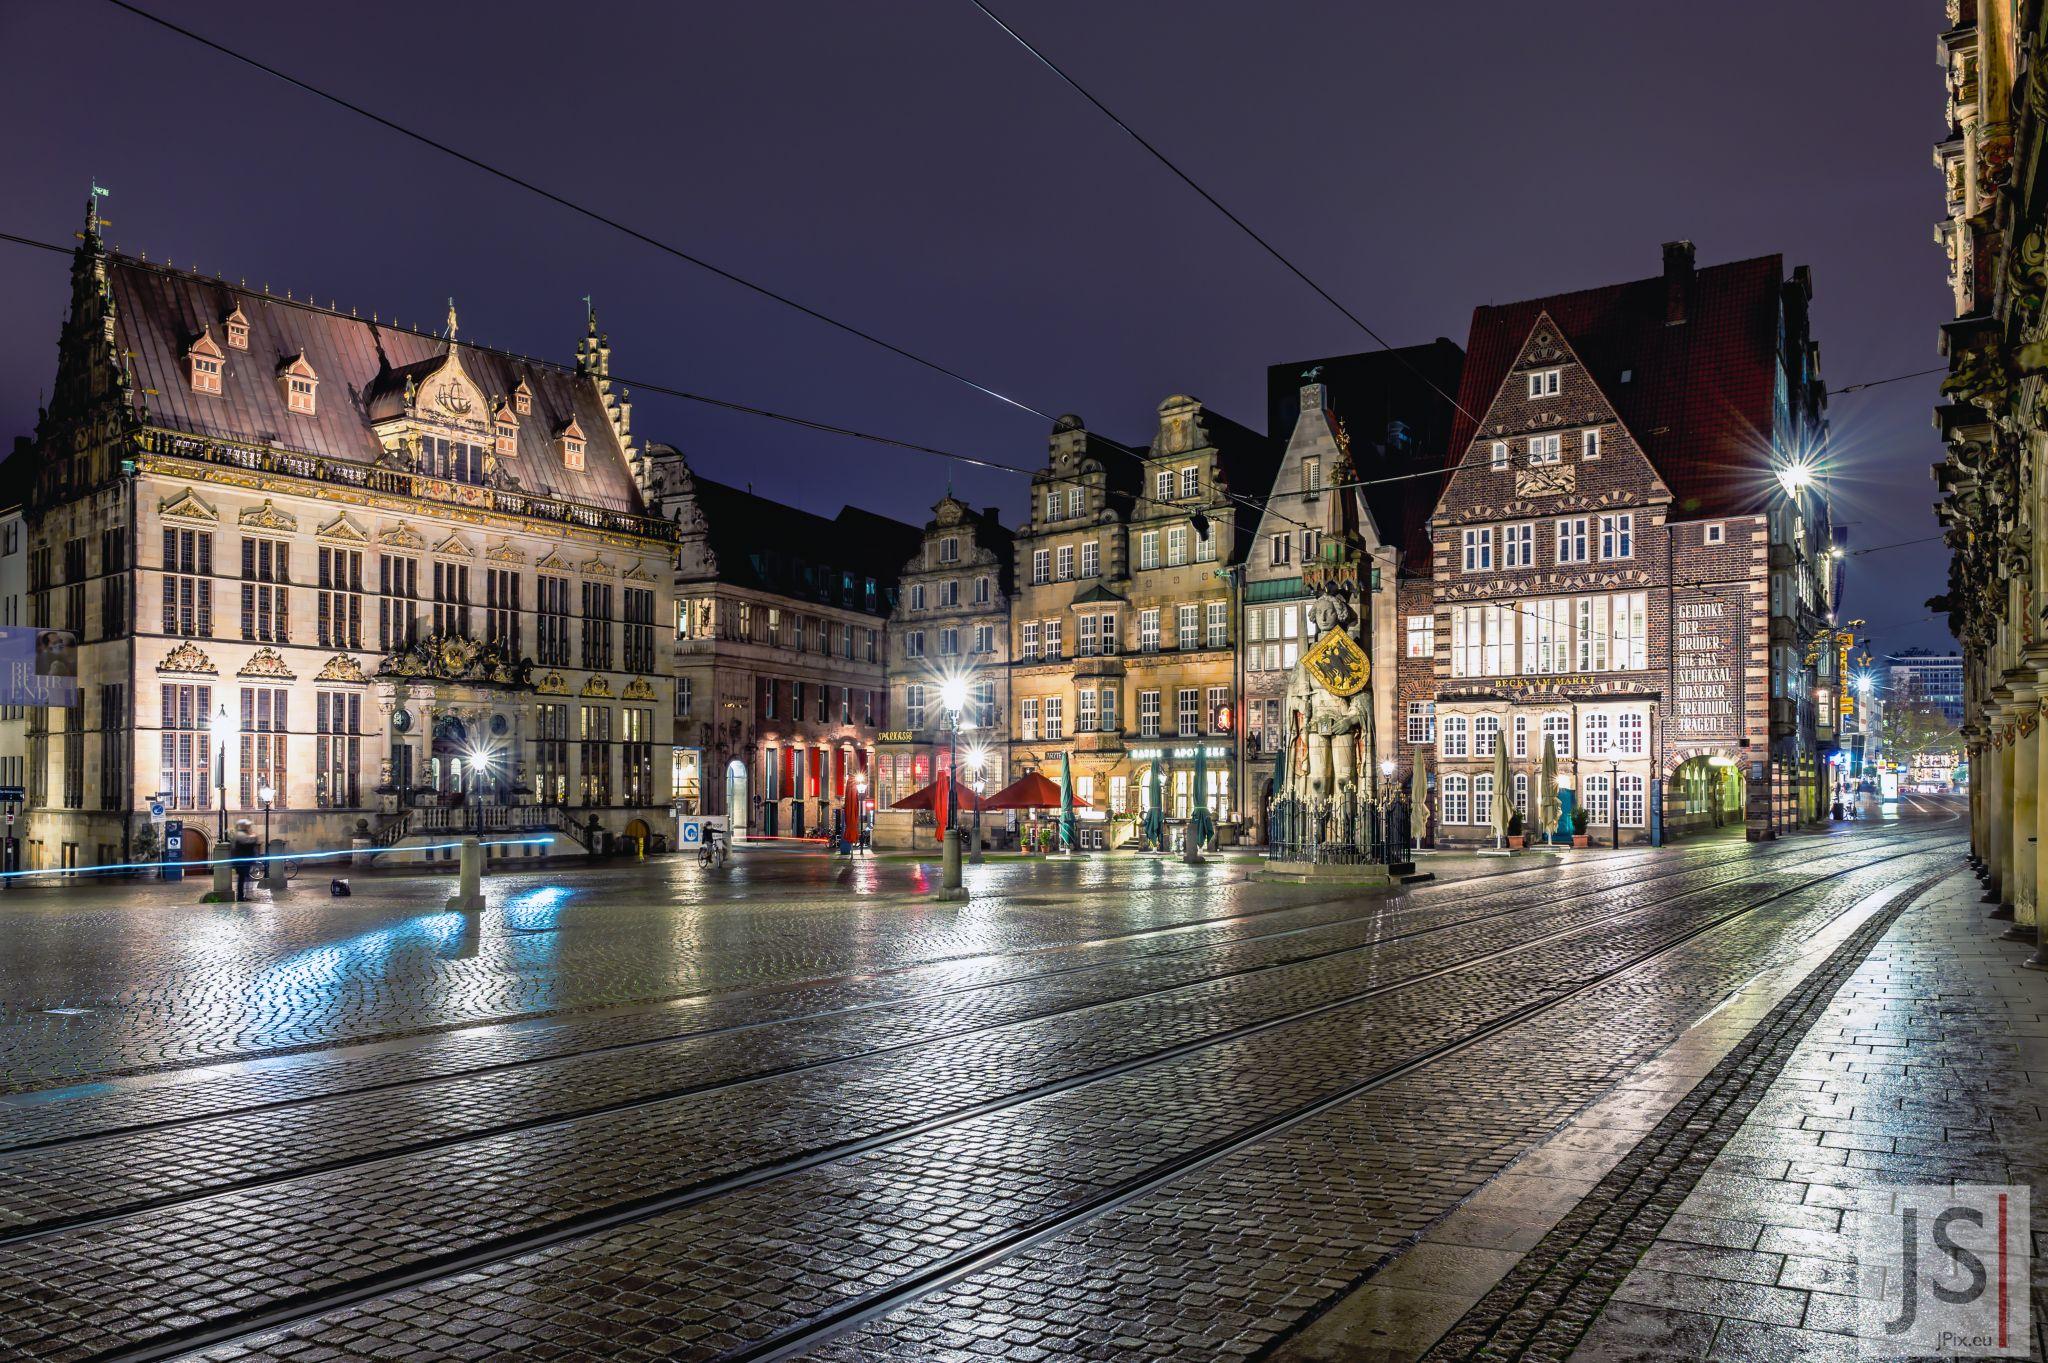 Bremer Marktplatz, Germany